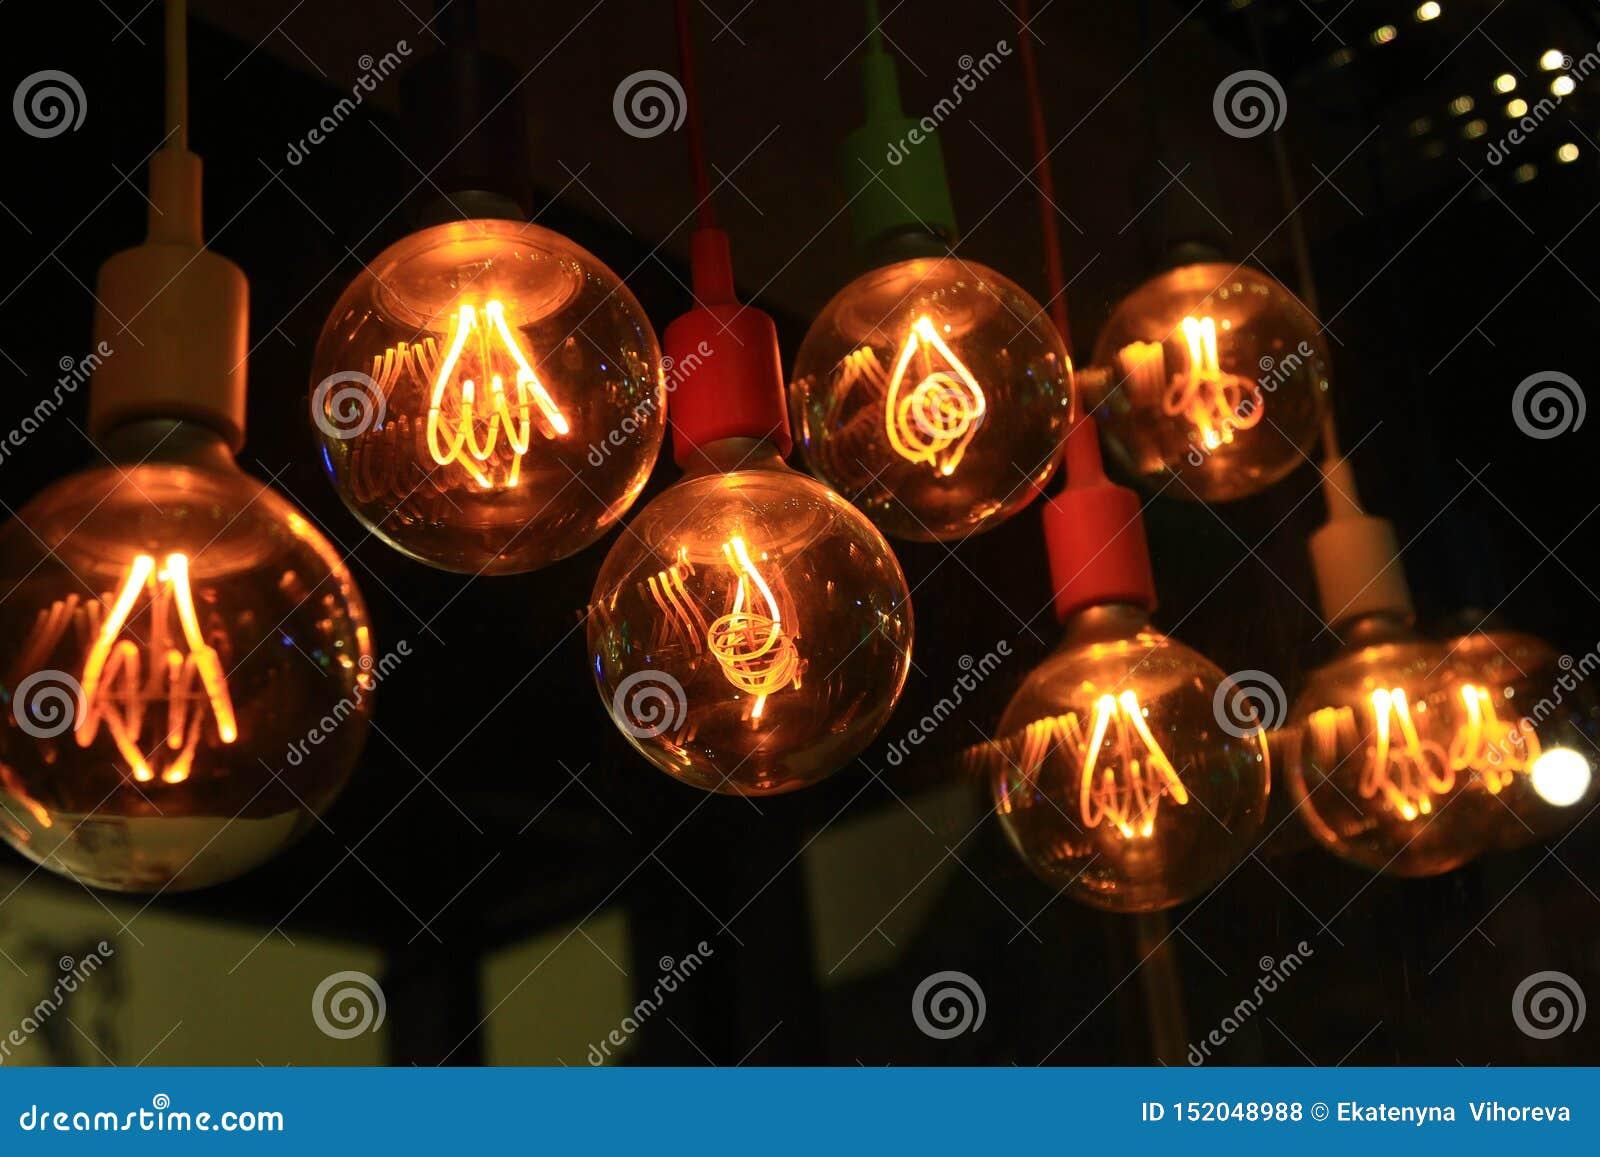 Ein Satz Glühbirnen im alten Stil, die an der Decke hängen